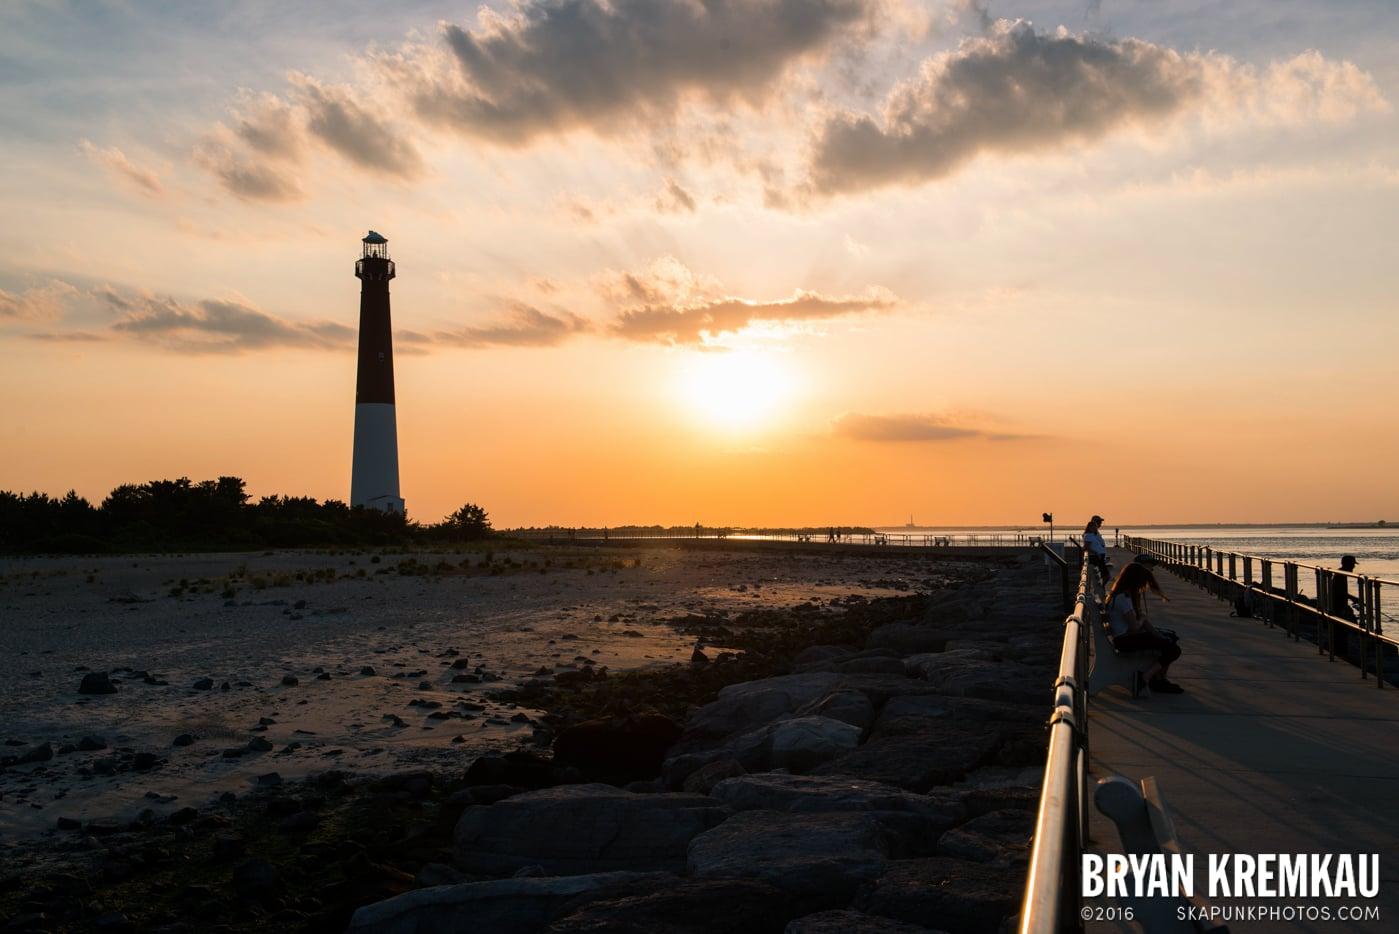 Beach Haven, Long Beach Island, NJ - 6.16.14 - 6.18.14 (14)